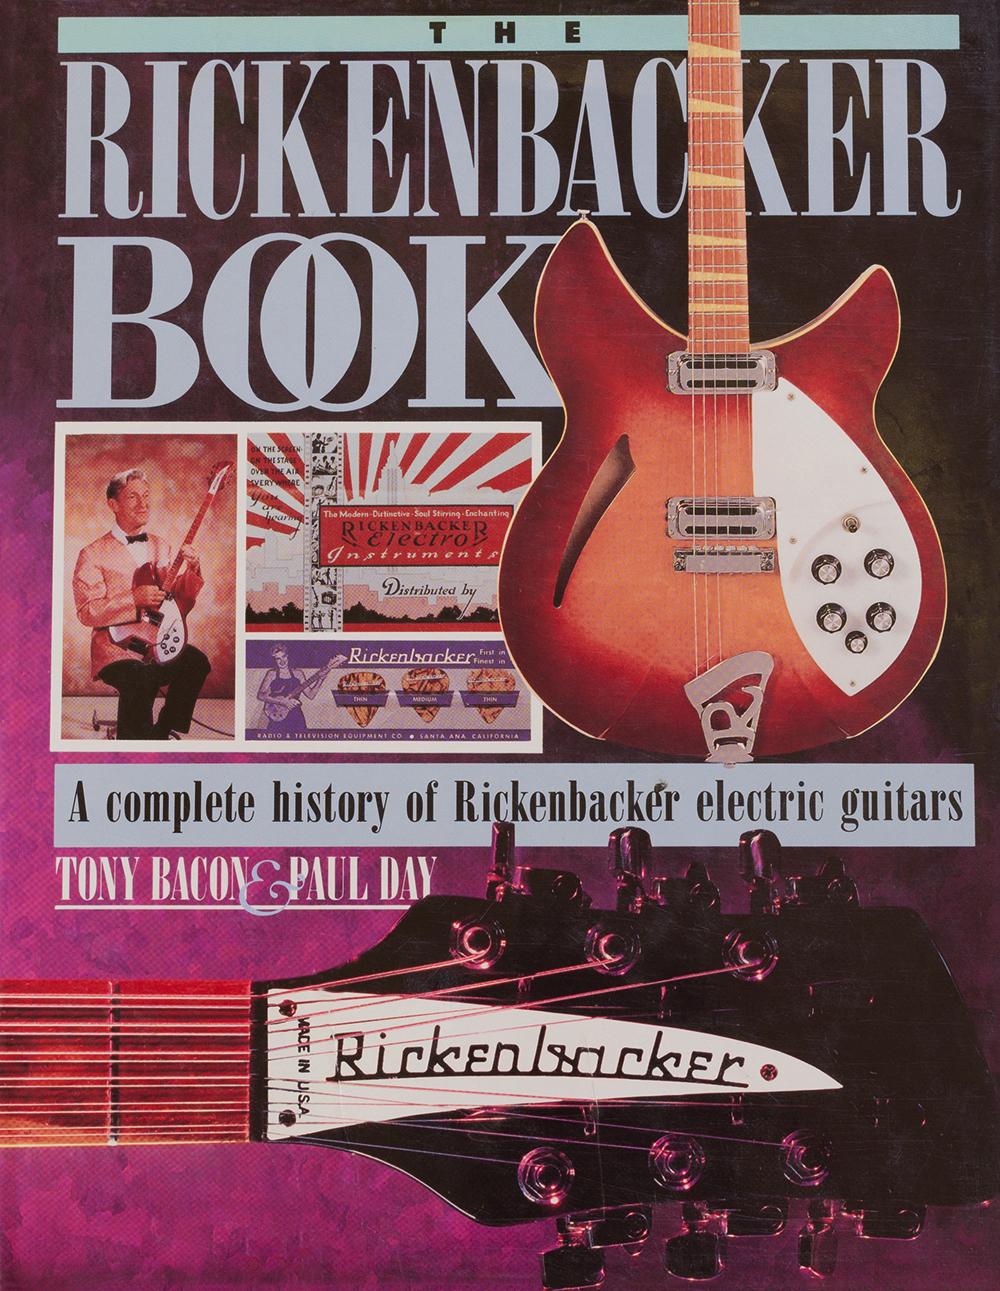 the rickenbacker book, by tony bacon, paul day